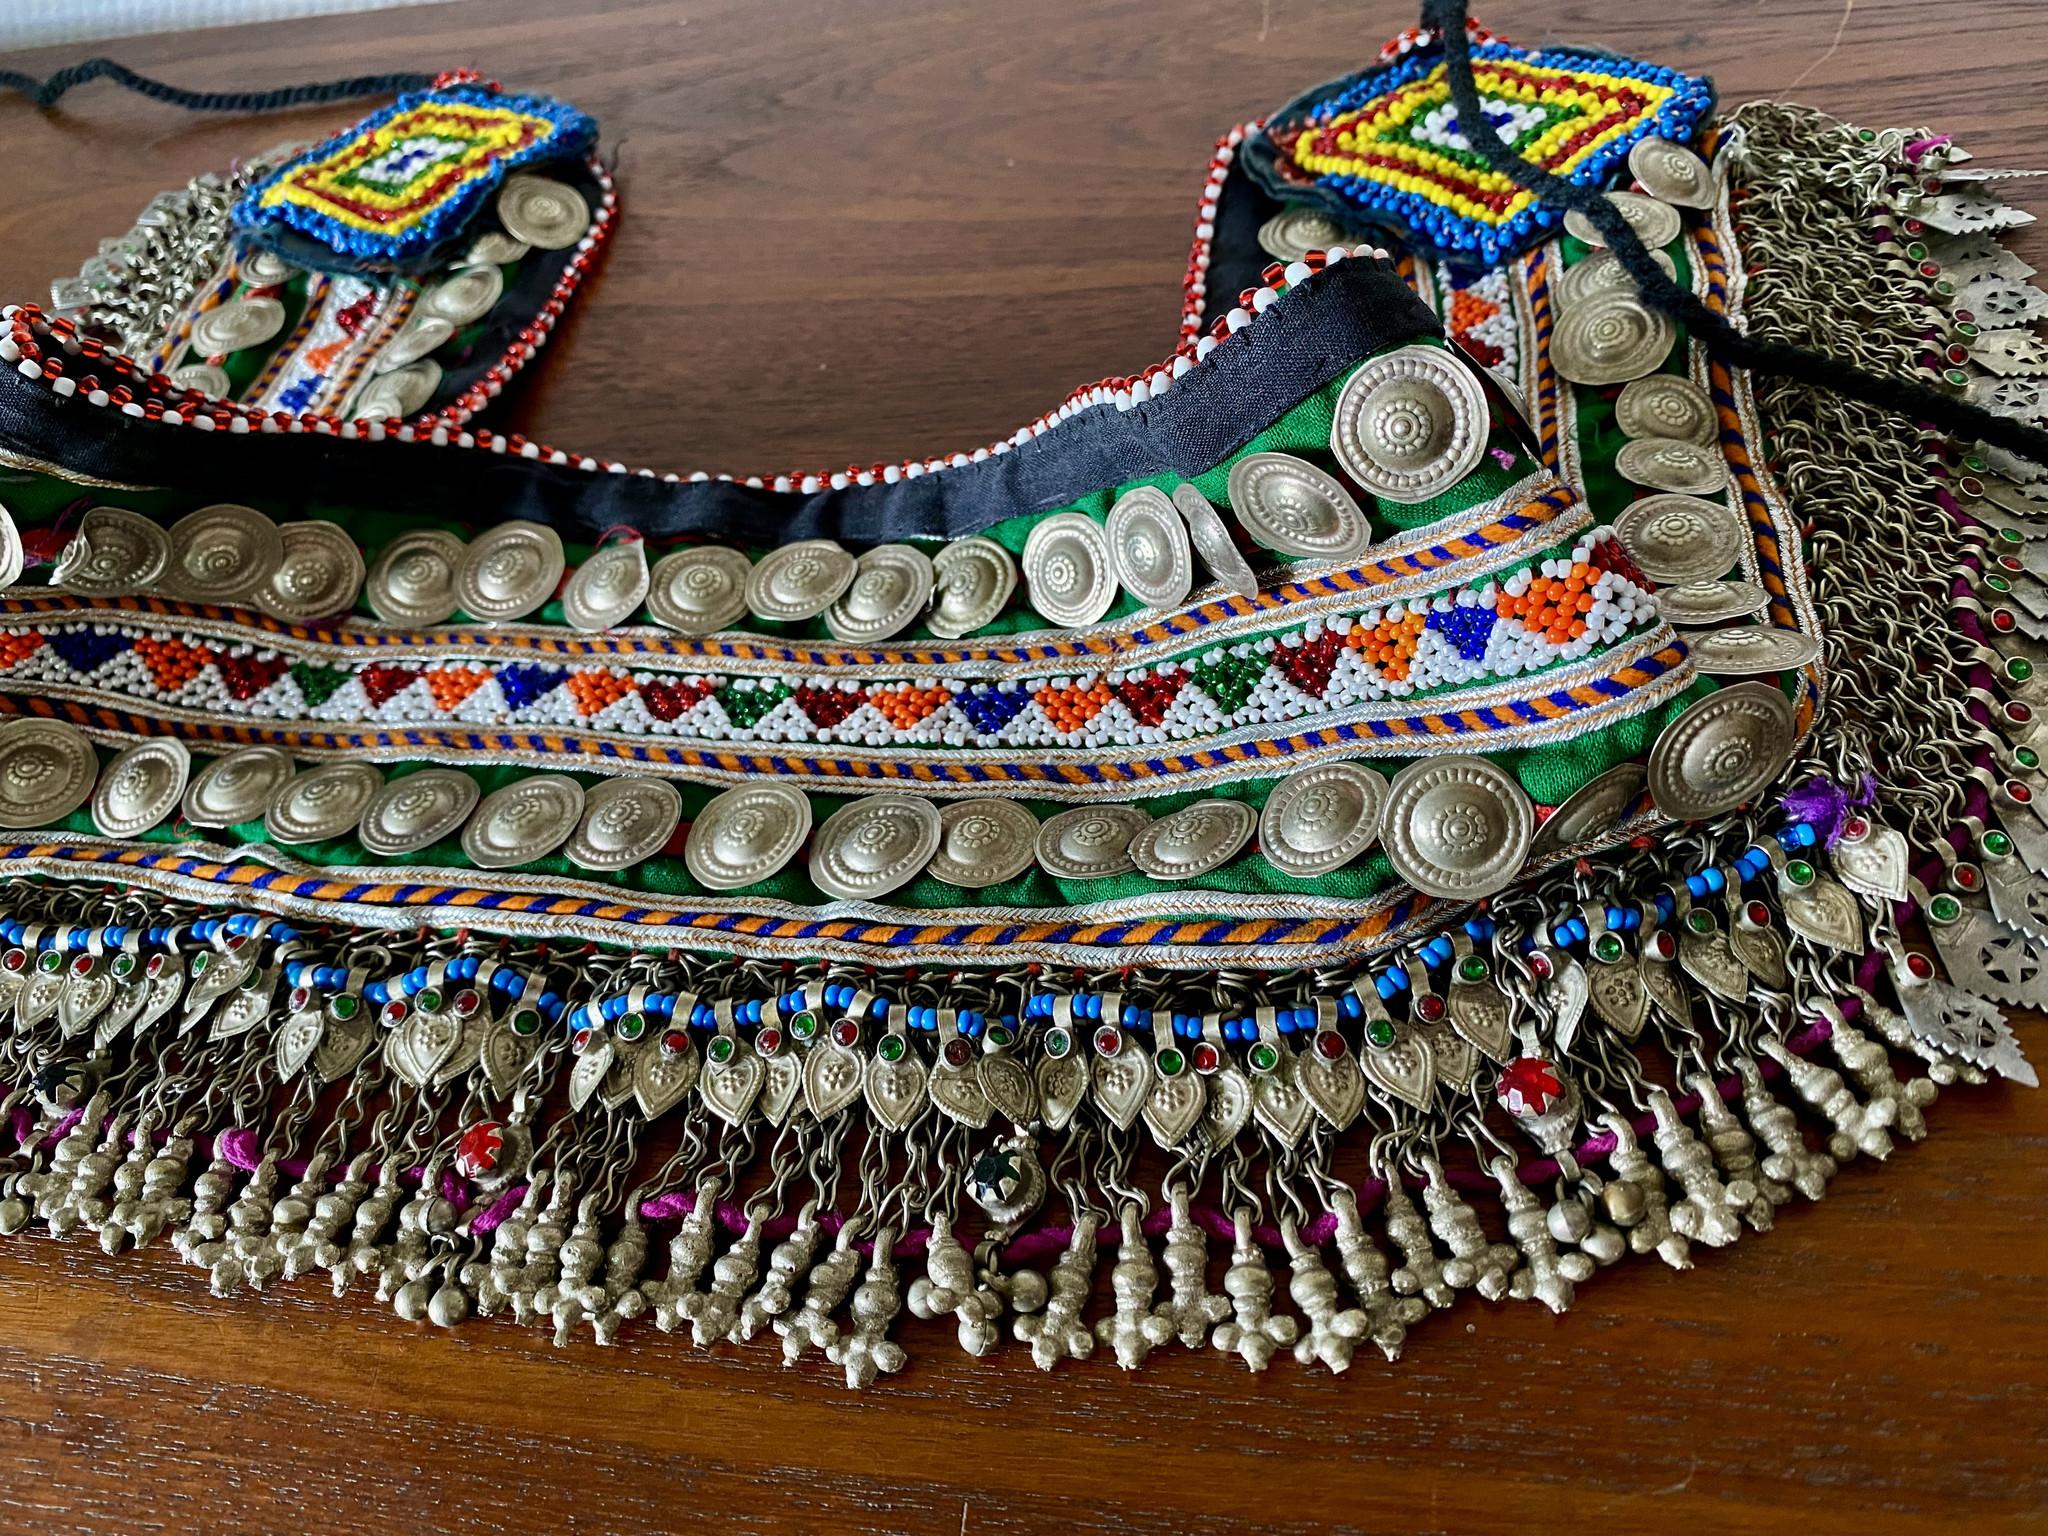 Tribal belt with metal fringe